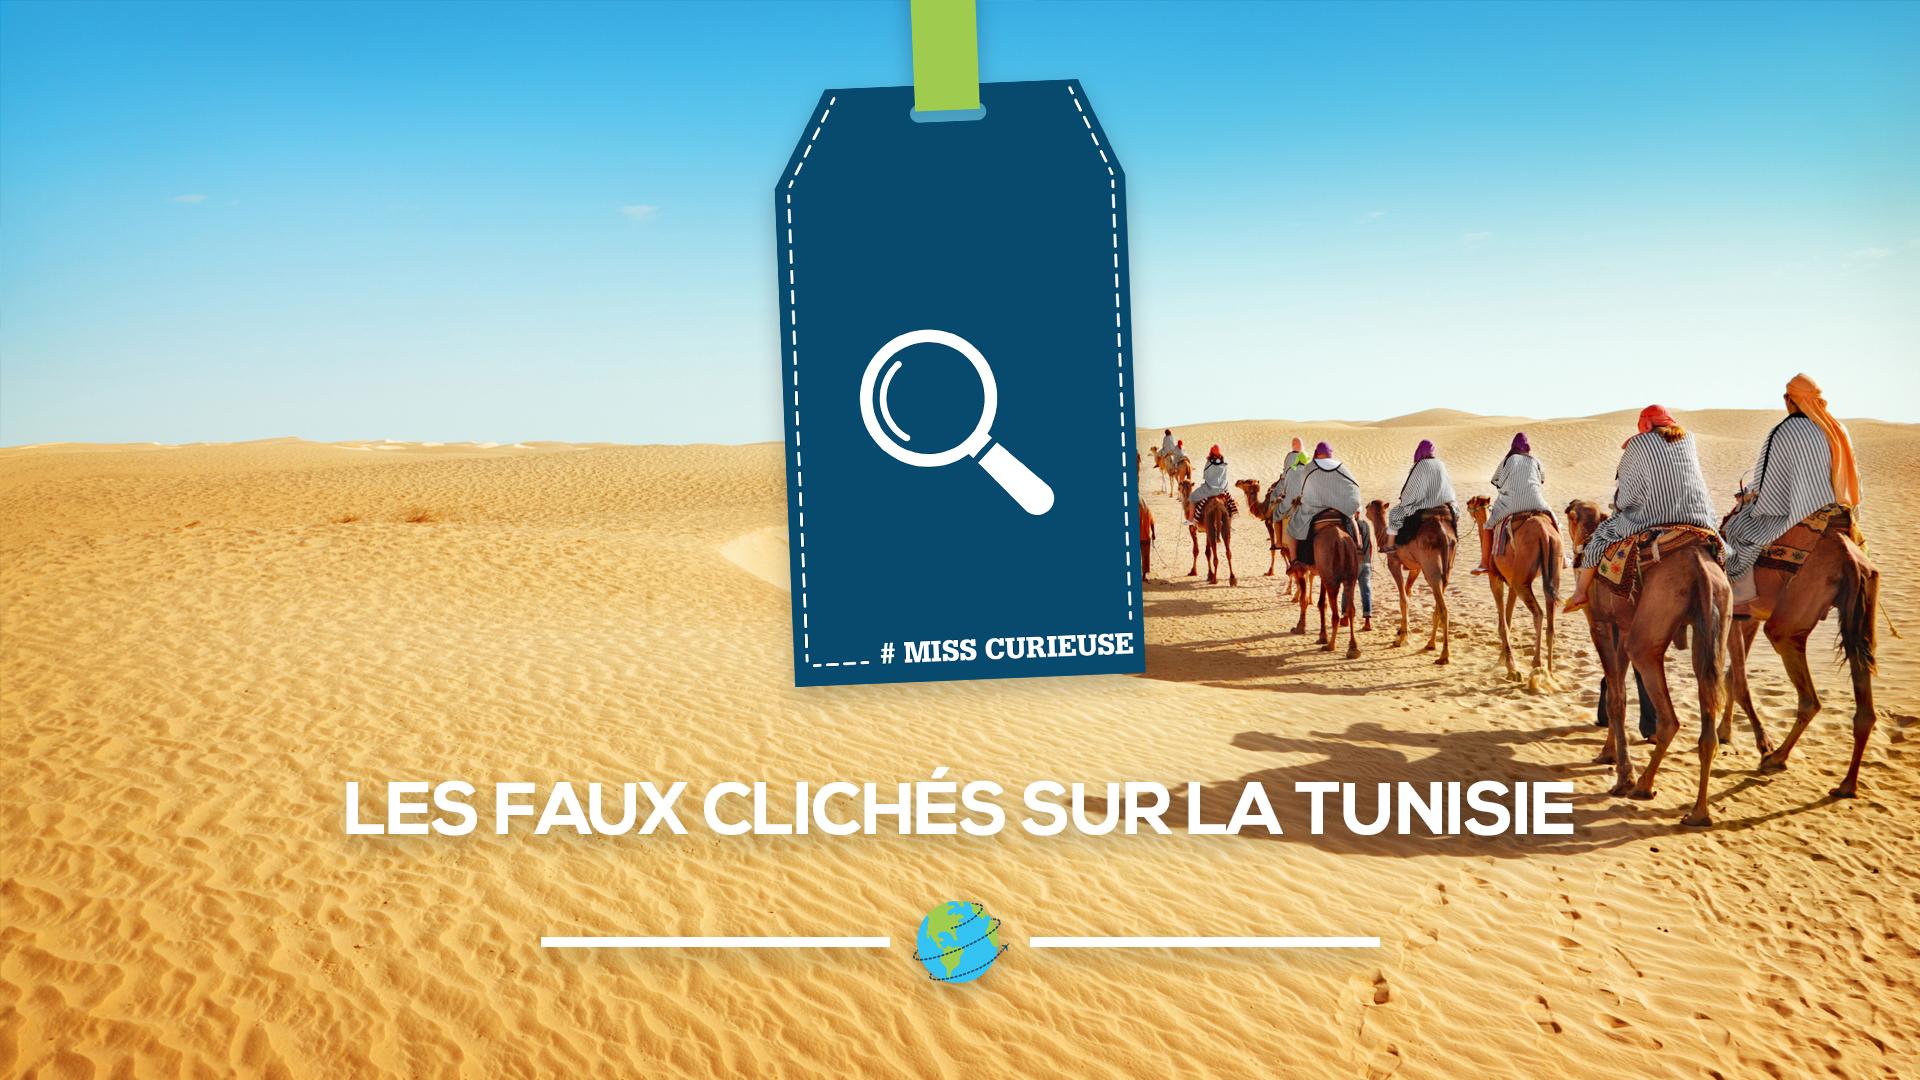 tunisie clichés